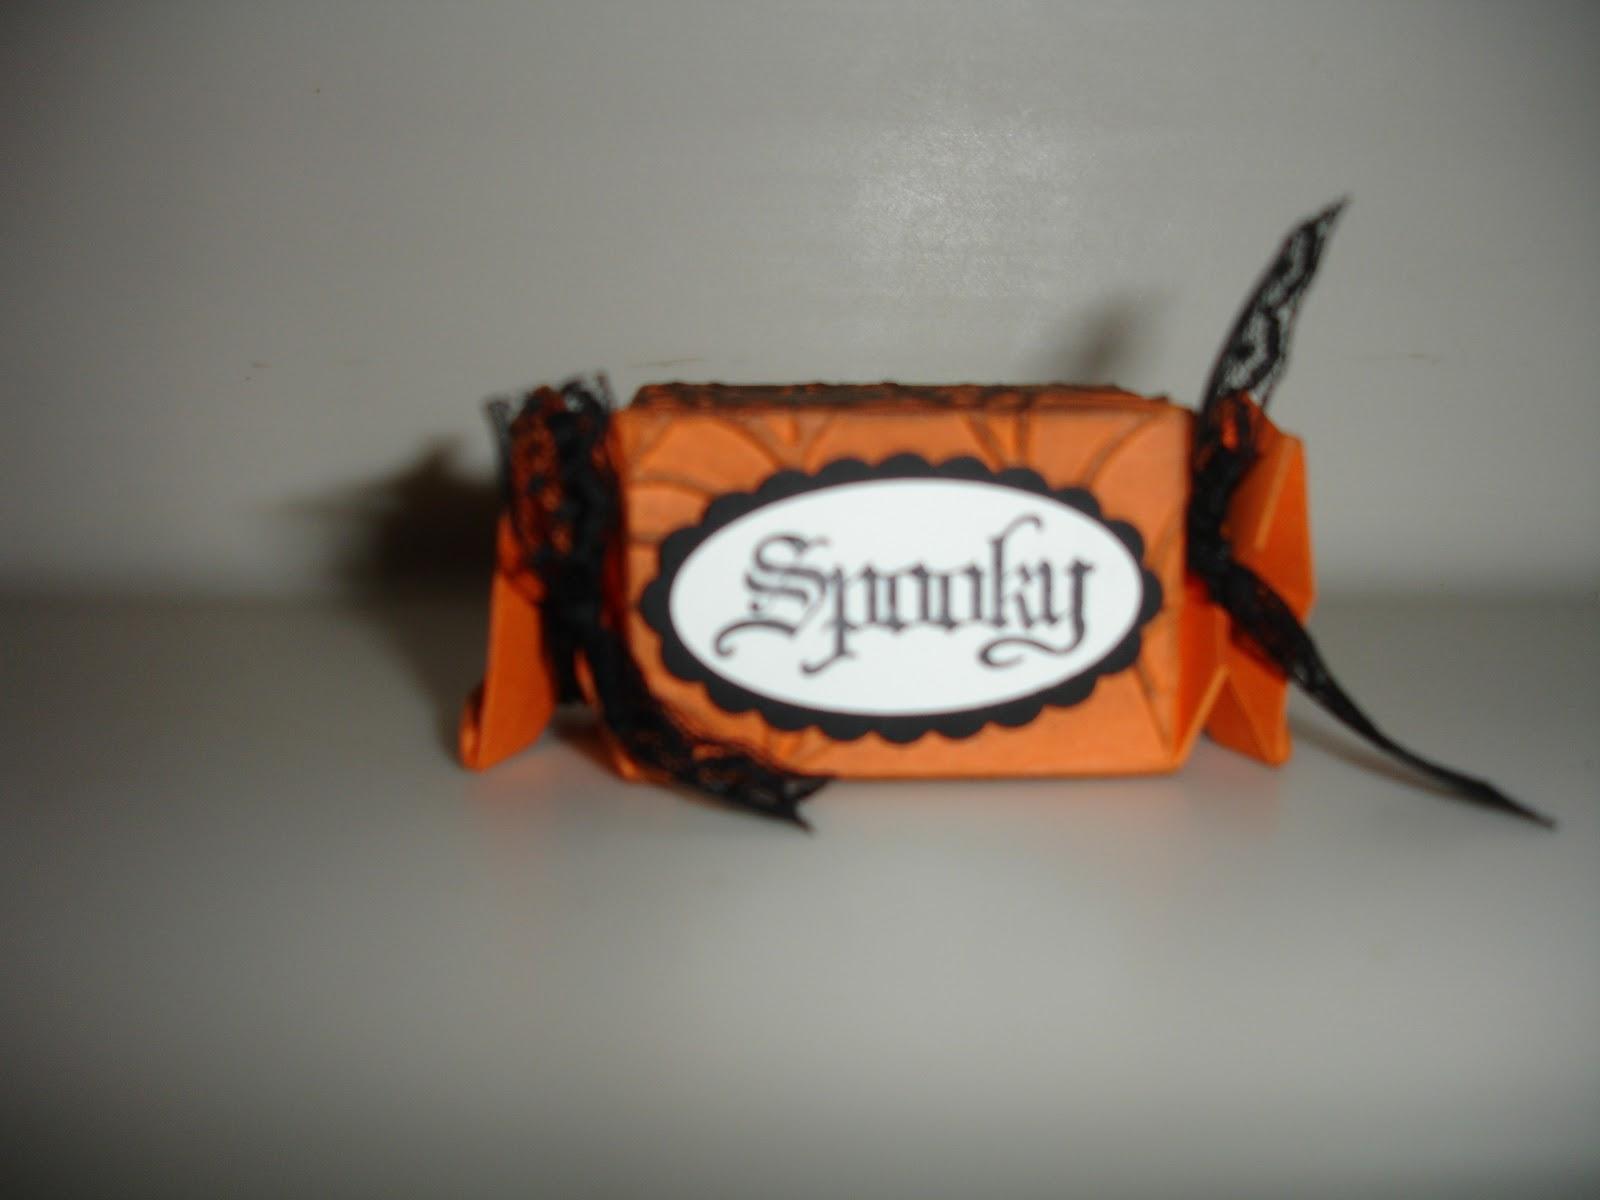 http://3.bp.blogspot.com/_PNQWbPzzUe4/TLLisqHjrbI/AAAAAAAAAaE/IrIOOhADJEg/s1600/Spooky%2525252BCandy%2525252BWrapper.JPG